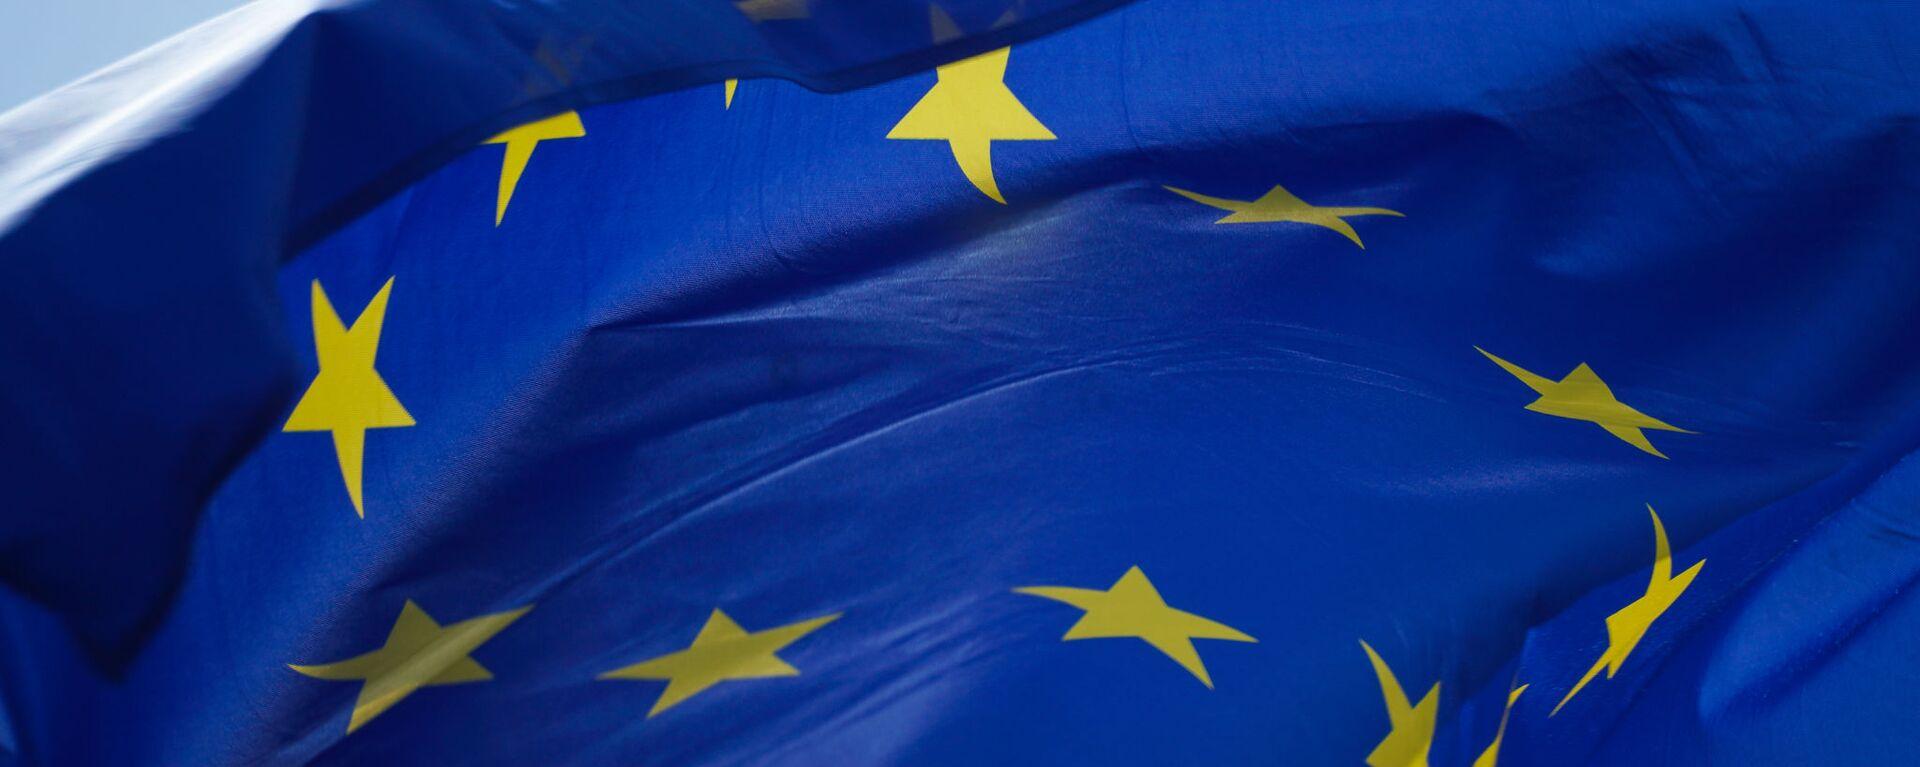 Флаг Европейского союза - Sputnik Latvija, 1920, 04.05.2021